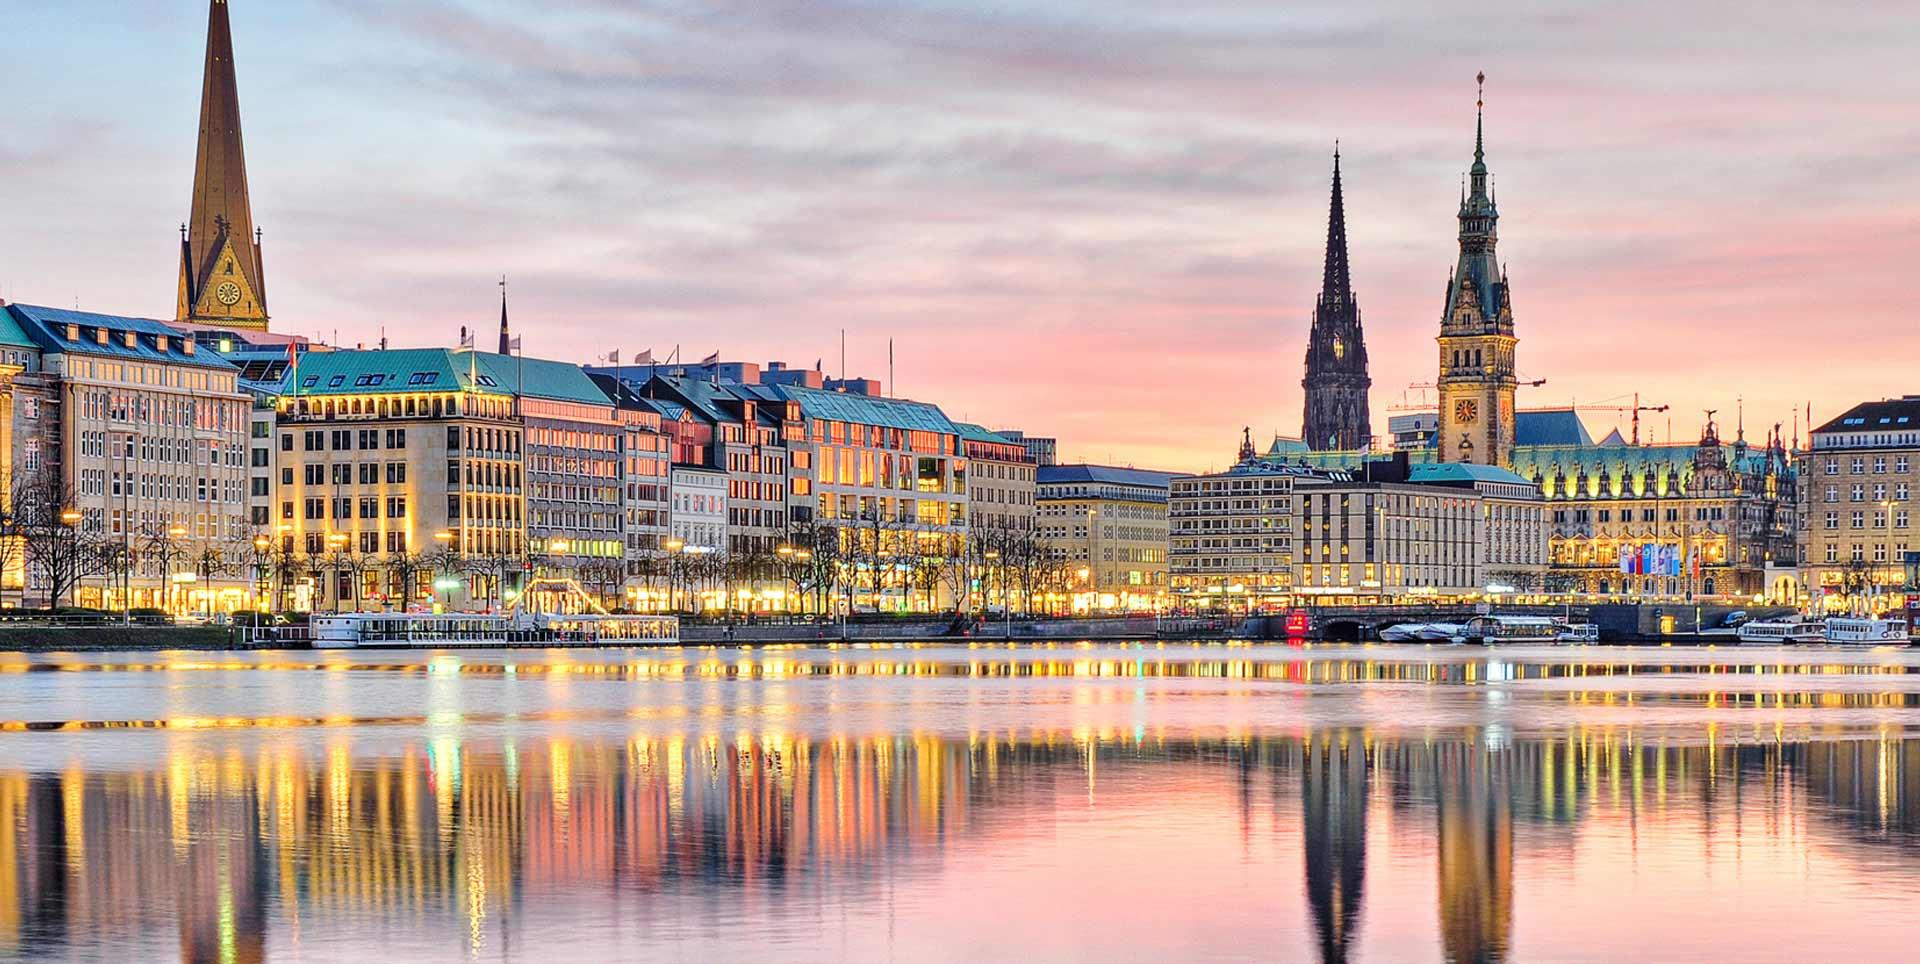 Hamburg mensch und computer 2019 for Hamburg hotel innenstadt